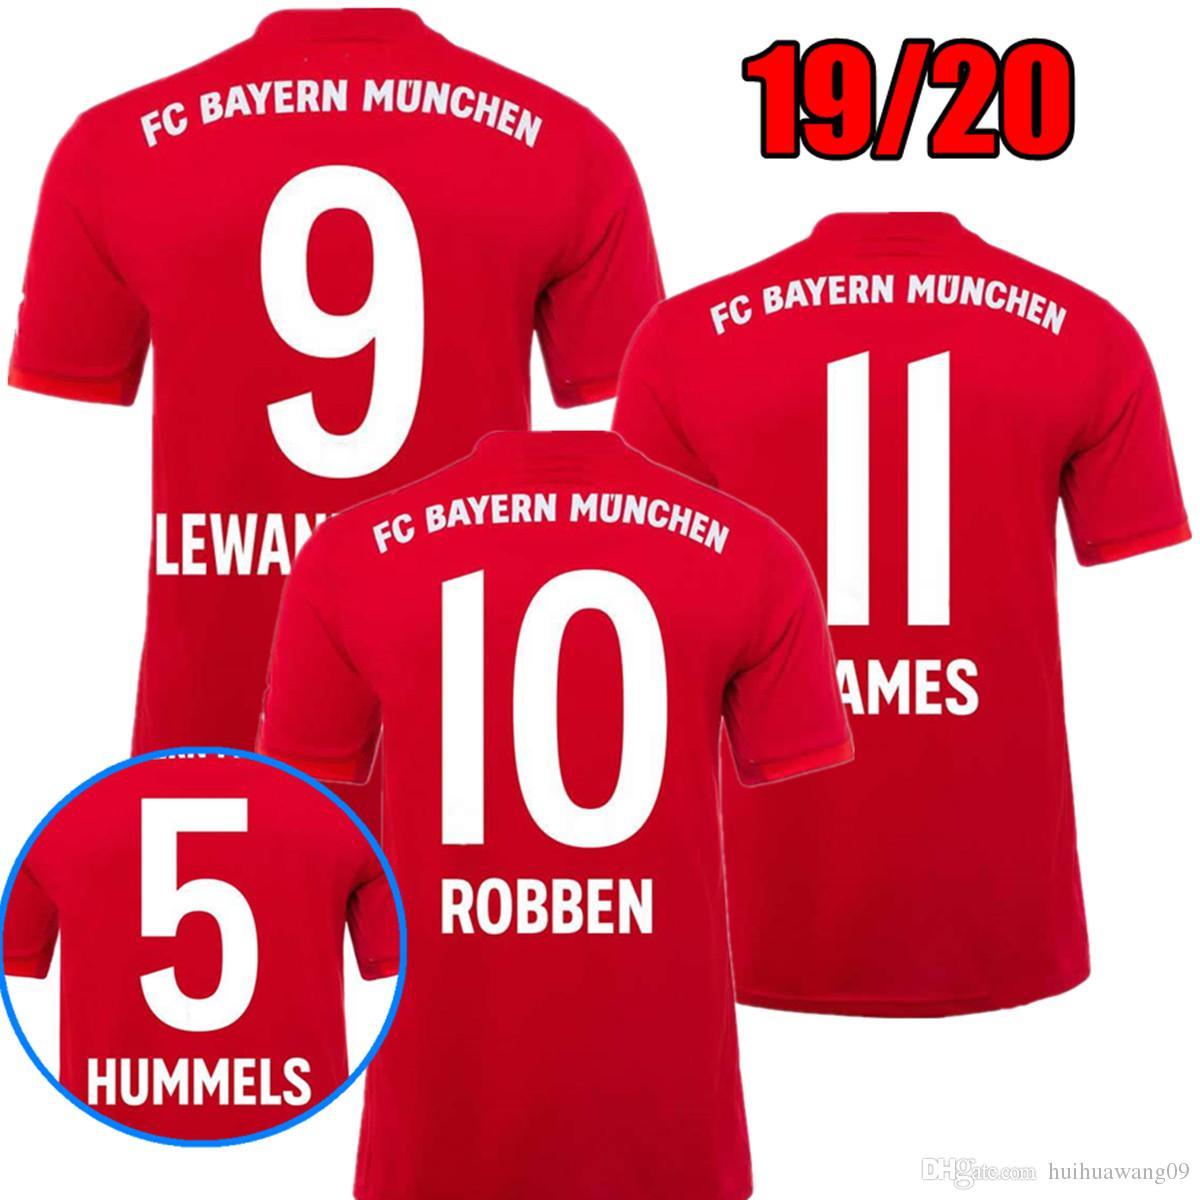 864b44b29e Compre 19 20 Bayern De Munique JAMES Camisa De Futebol LEWANDOWSKI MULLER  KIMMICH 2019 2020 HUMMELS Uniformes De Camisa De Futebol Campeões De  Distância 3ª ...